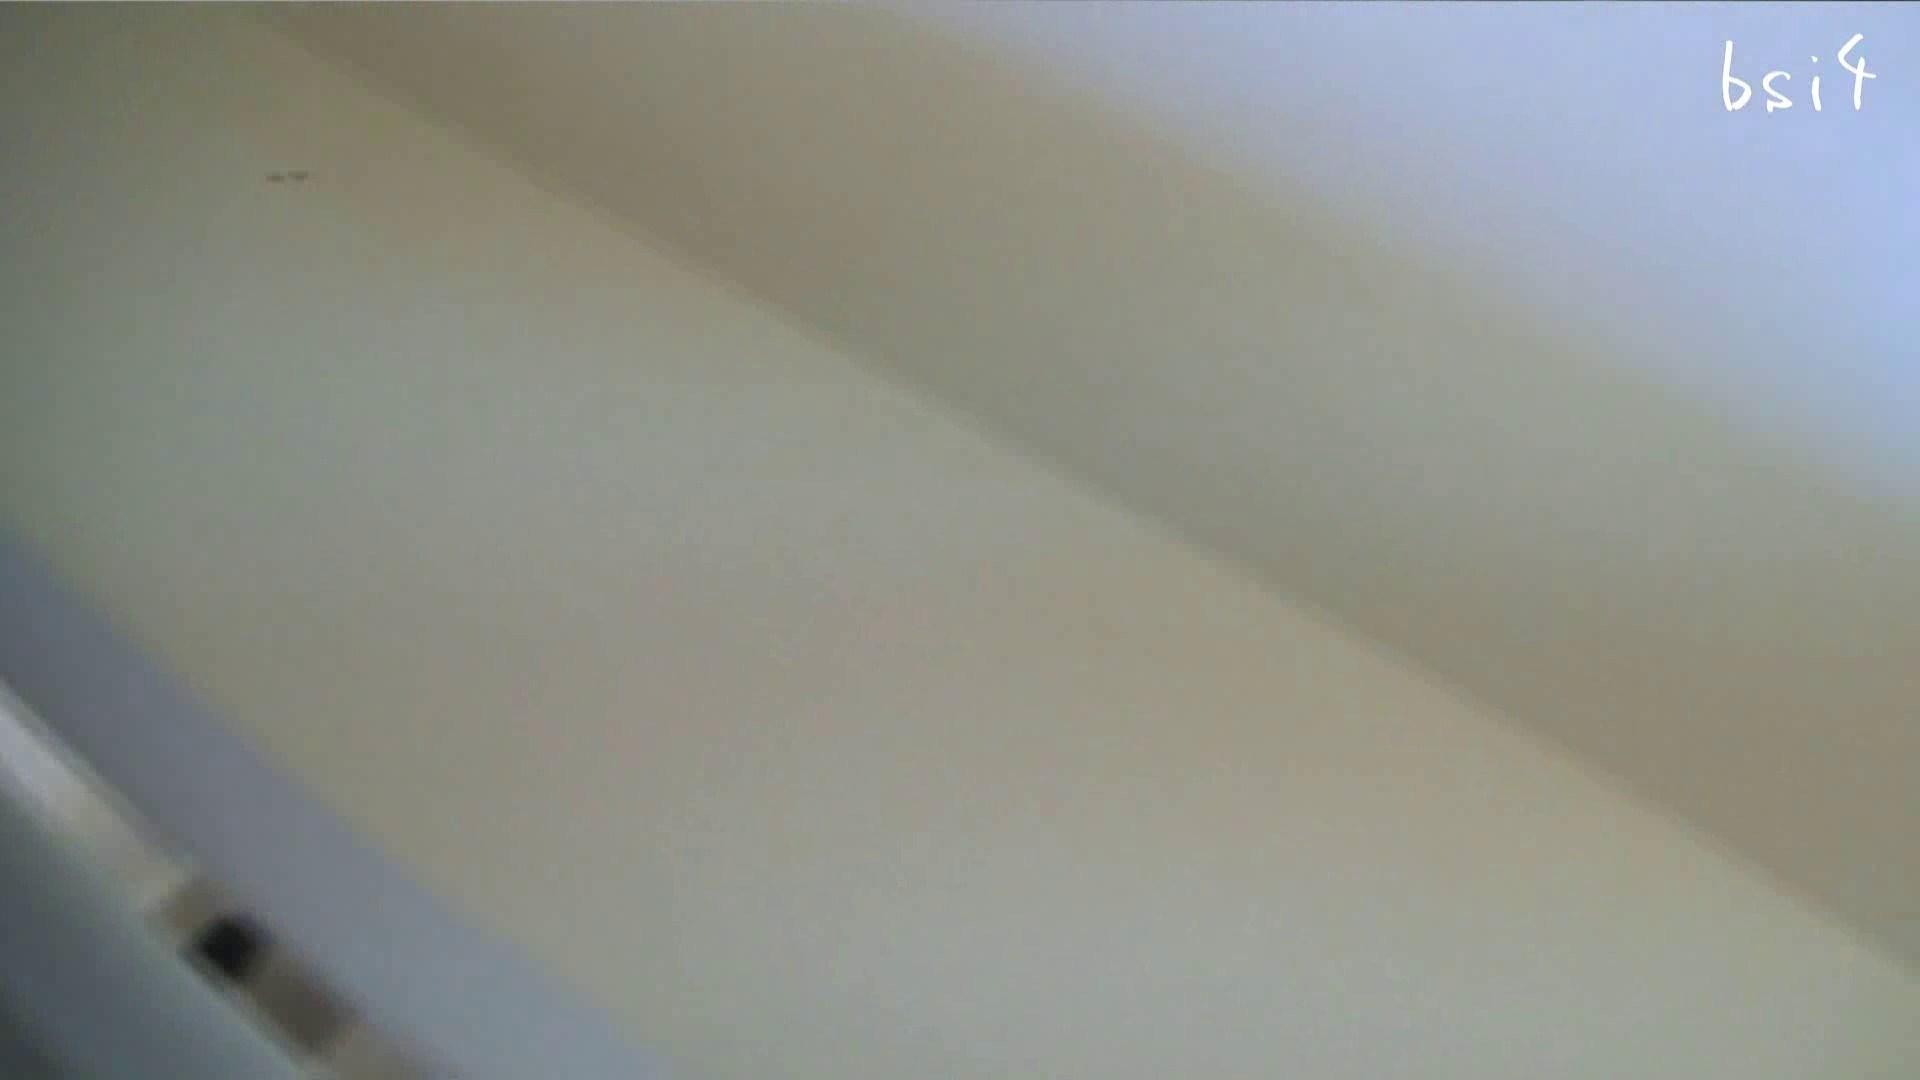 ナースのお小水 vol.004 お姉さんの下半身 | ナースのエロ動画  86PIX 1